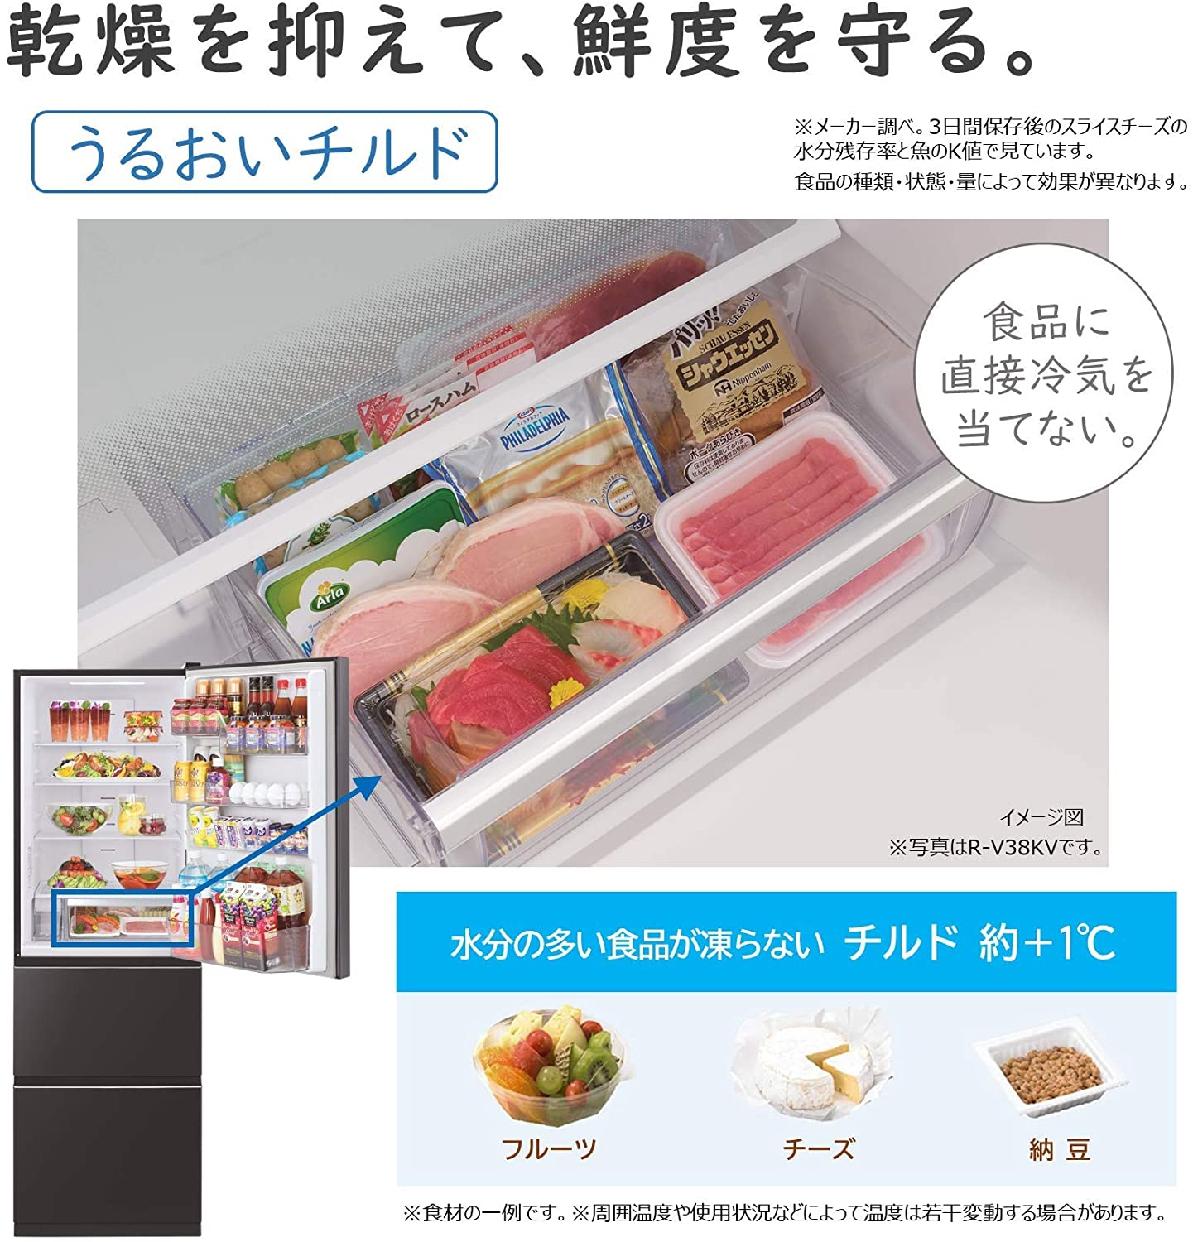 日立(ひたち)うるおいチルド 冷蔵庫 R-V38KVの商品画像3